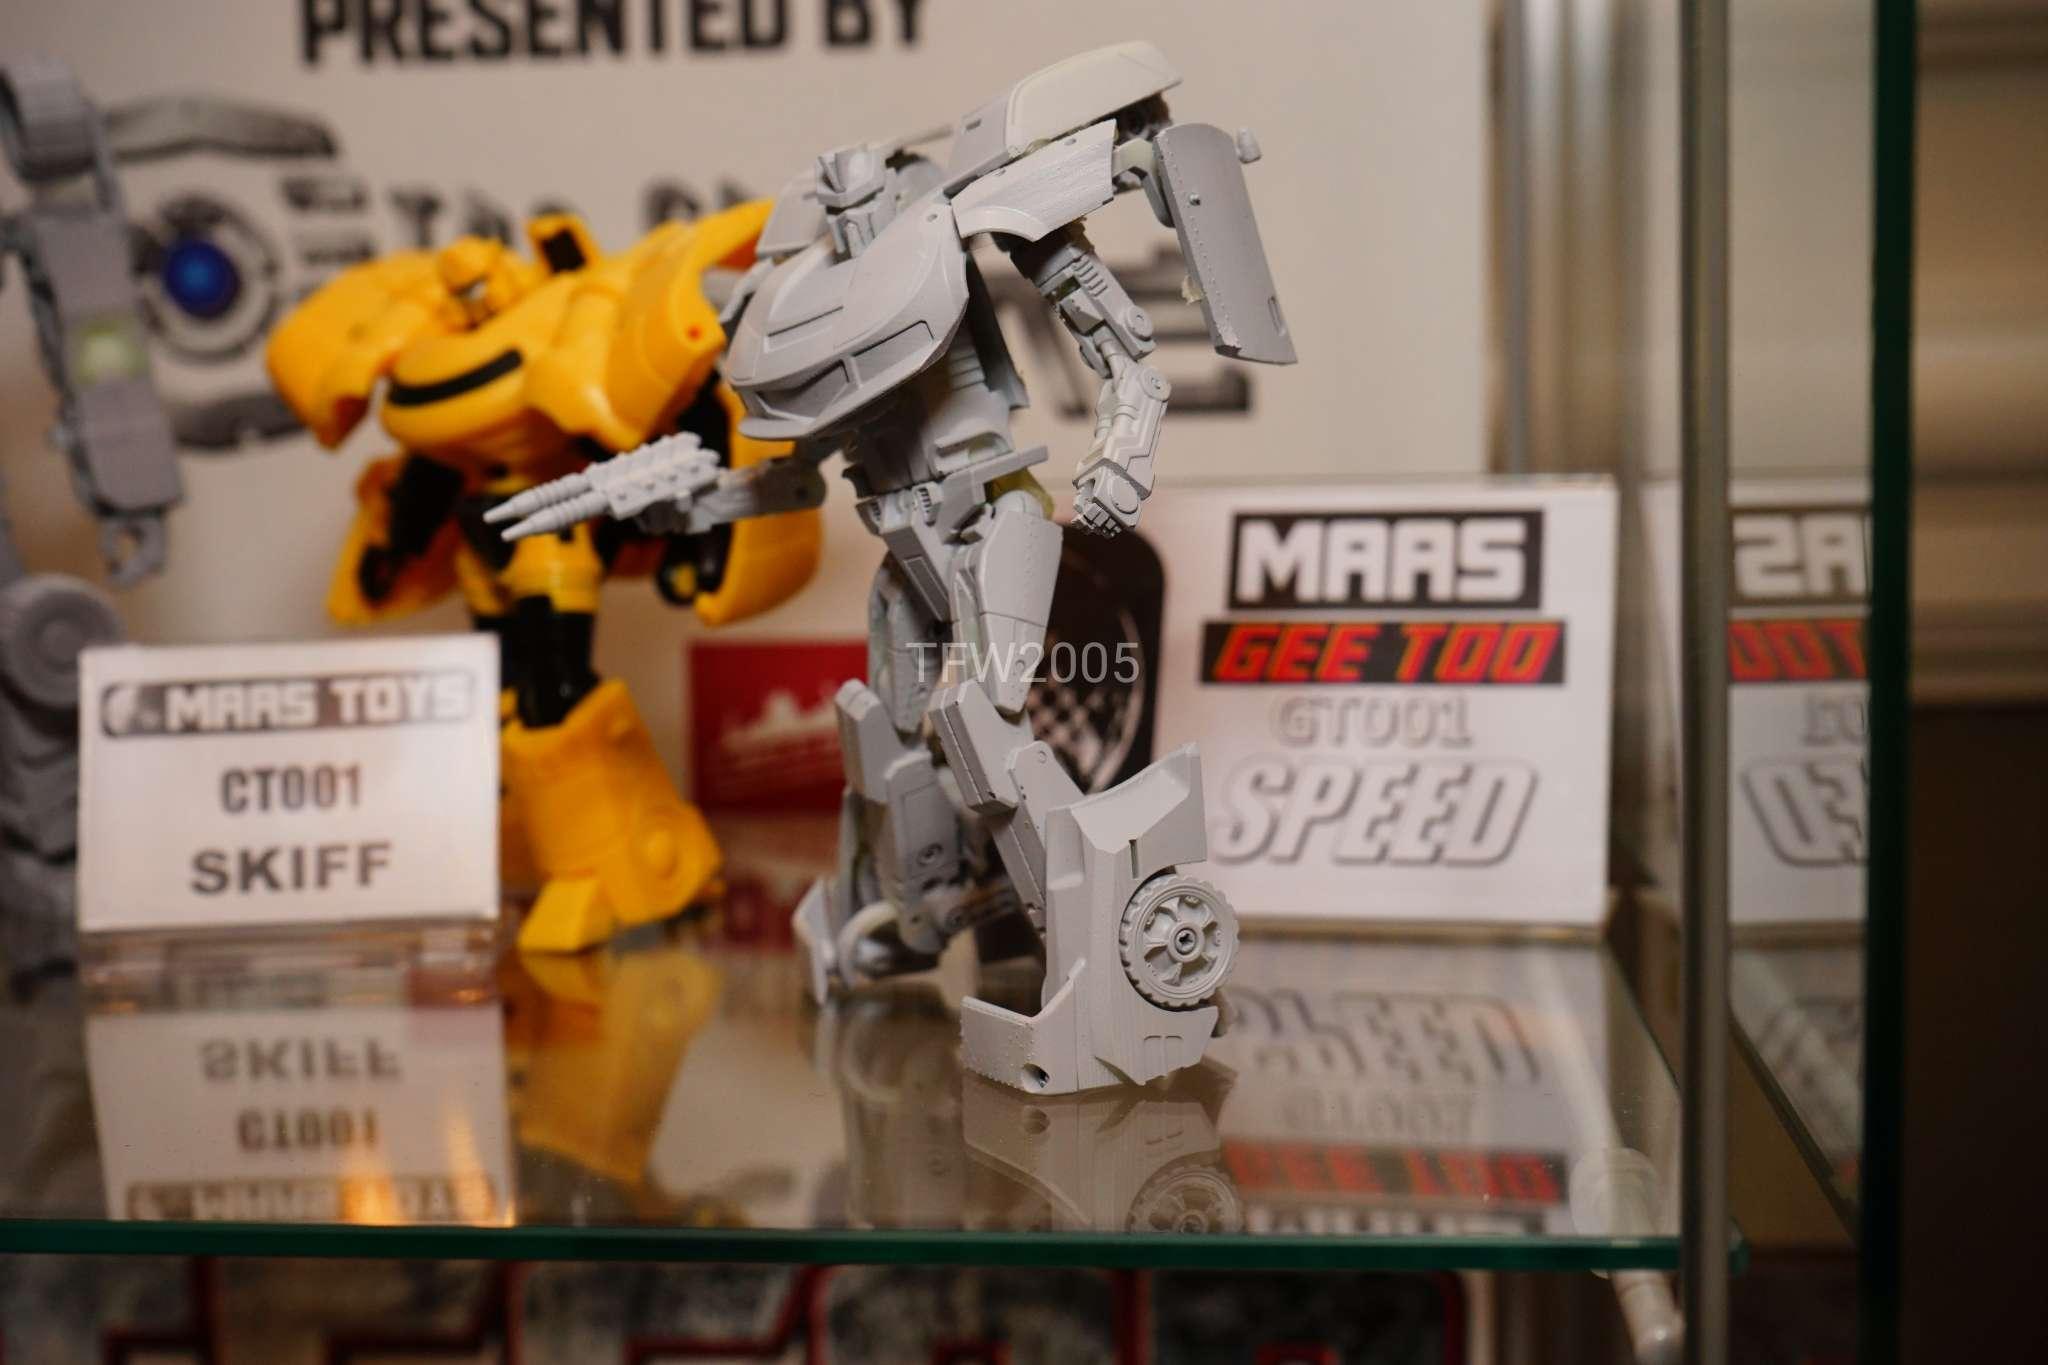 [MAAS Toys] Produit Tiers - Jouets TF de la gamme Cybertech Series (mode Cybertronien) + Gee Too (G2) FLhtxRaZ_o